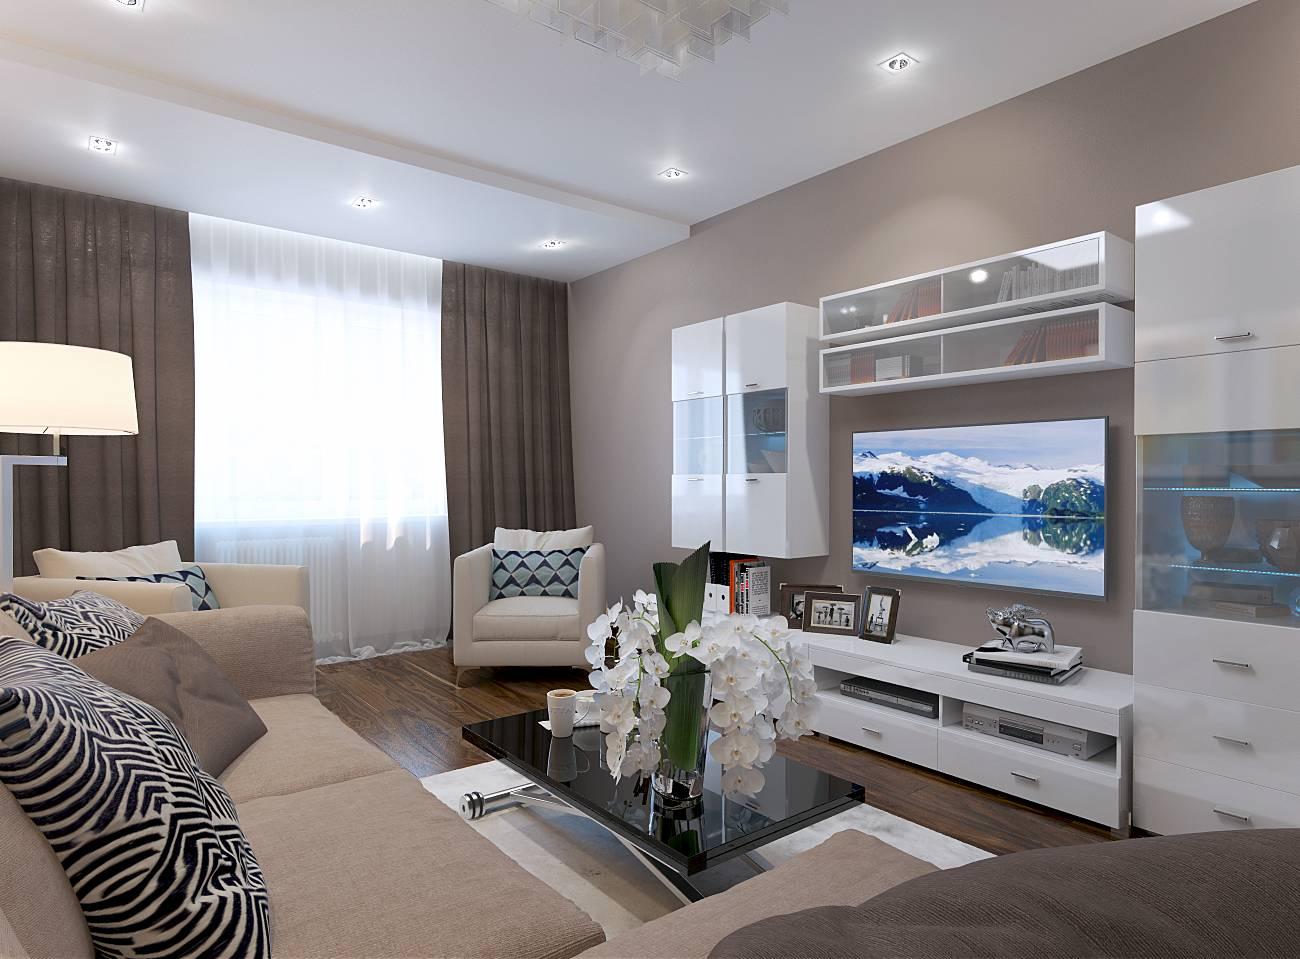 Комната 17 кв. м спальня-гостиная фото: дизайн и зонирование, современный совмещенный интерьер, прямоугольная спальня